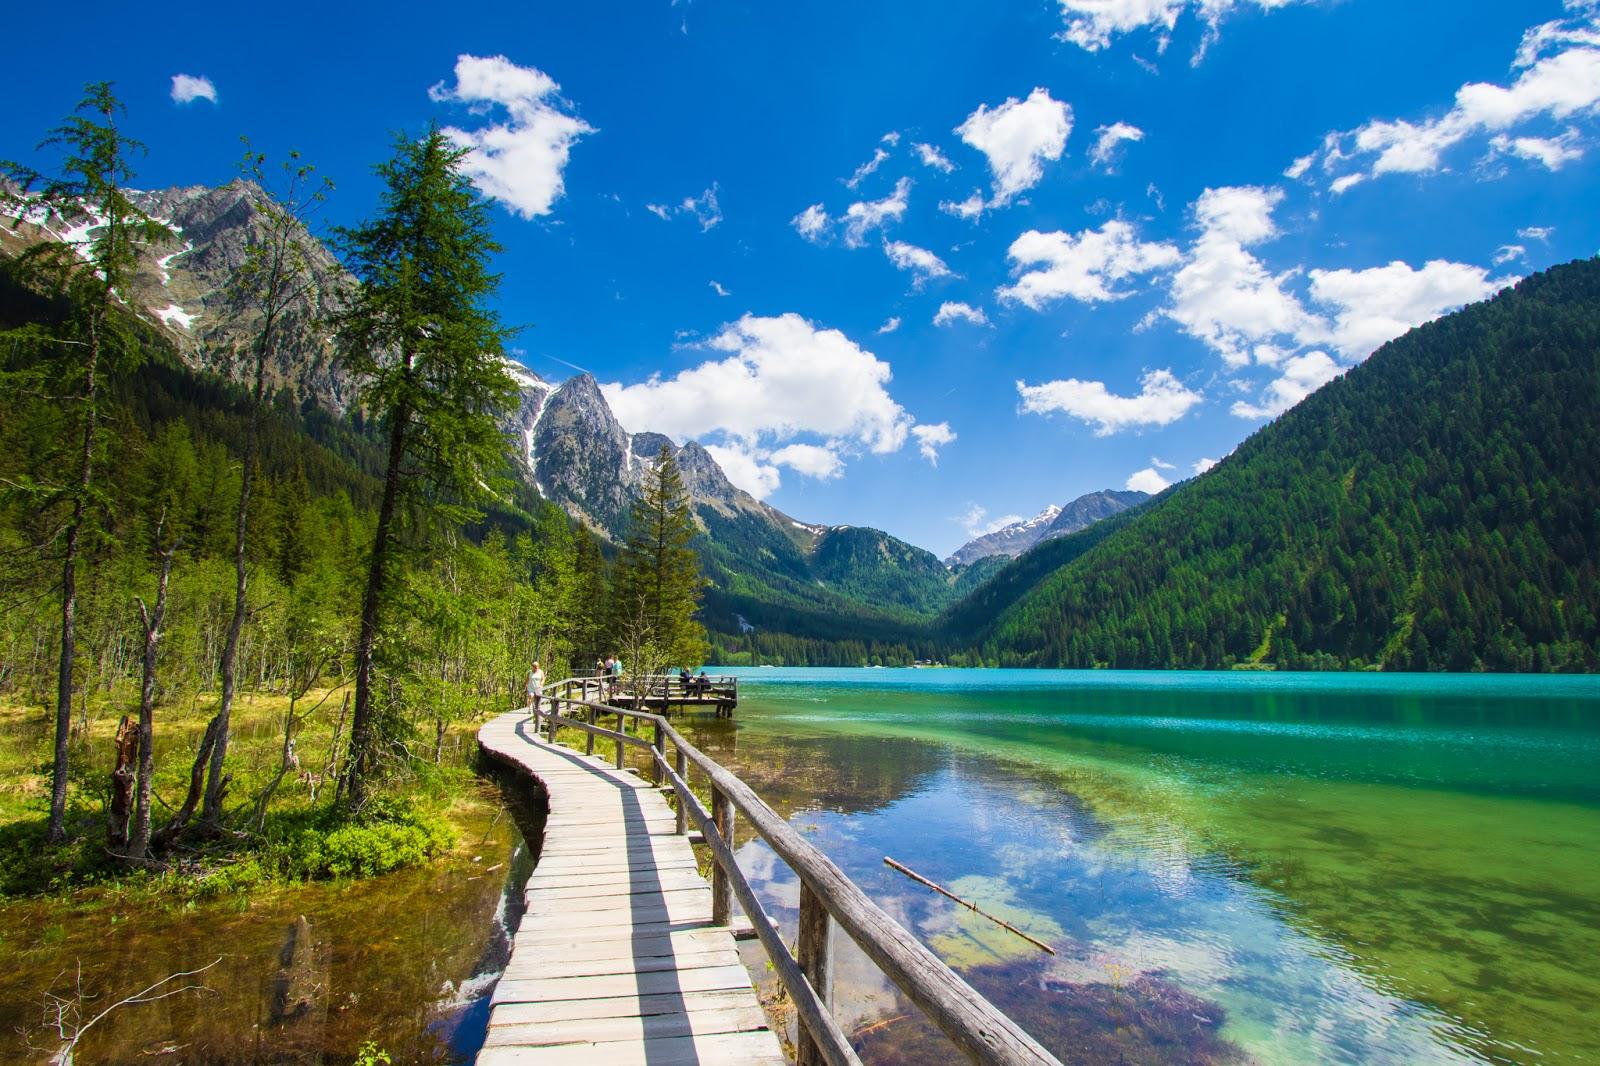 Cosa vedere in Trentino Alto Adige in una settimana d'estate